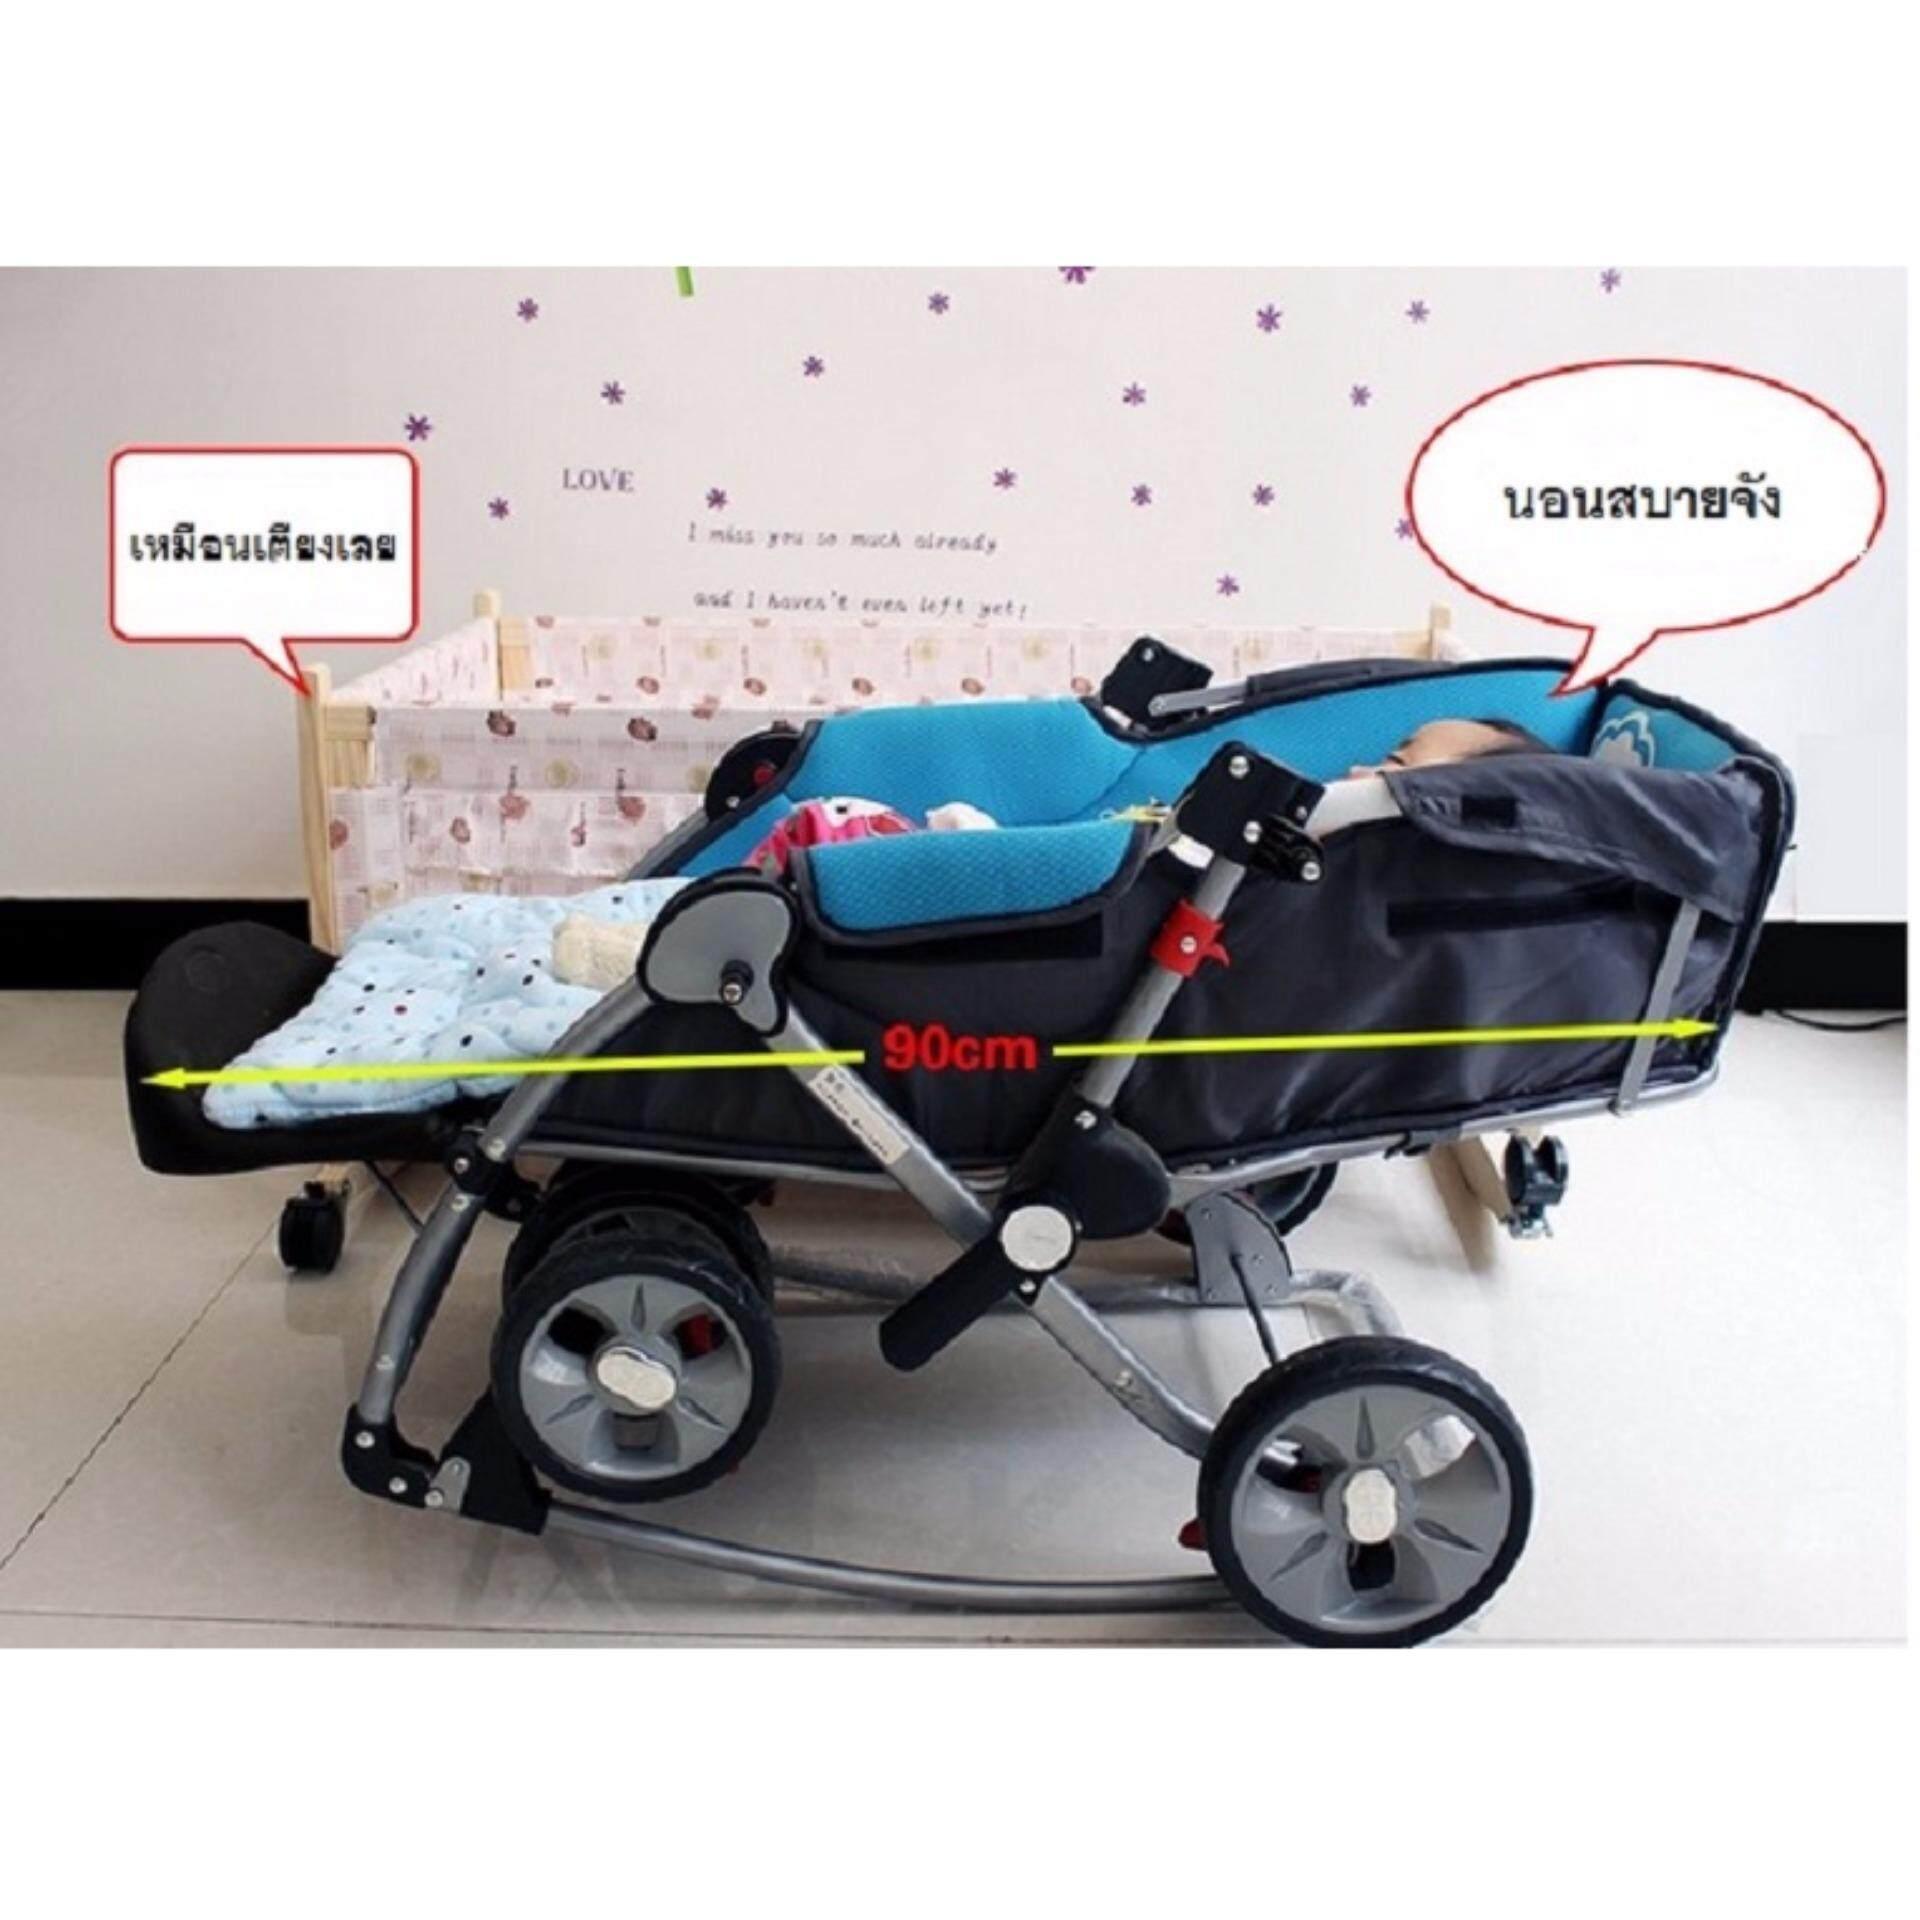 ขายถูกที่สุด baby boo รถเข็นเด็กสามล้อ Baby boo รถเข็นเด็ก5ล้อ รุ่นล่าสุด สามารถล็อกล้อได้ เบาะนิ่ม PUล้อใหญ่ ล้อมีไฟ แถมตะกร้า น้ำหนักเบา3kg รับน้ำหนักได้70kg รุ่น?TC5 ขายถูกที่สุดแล้ว